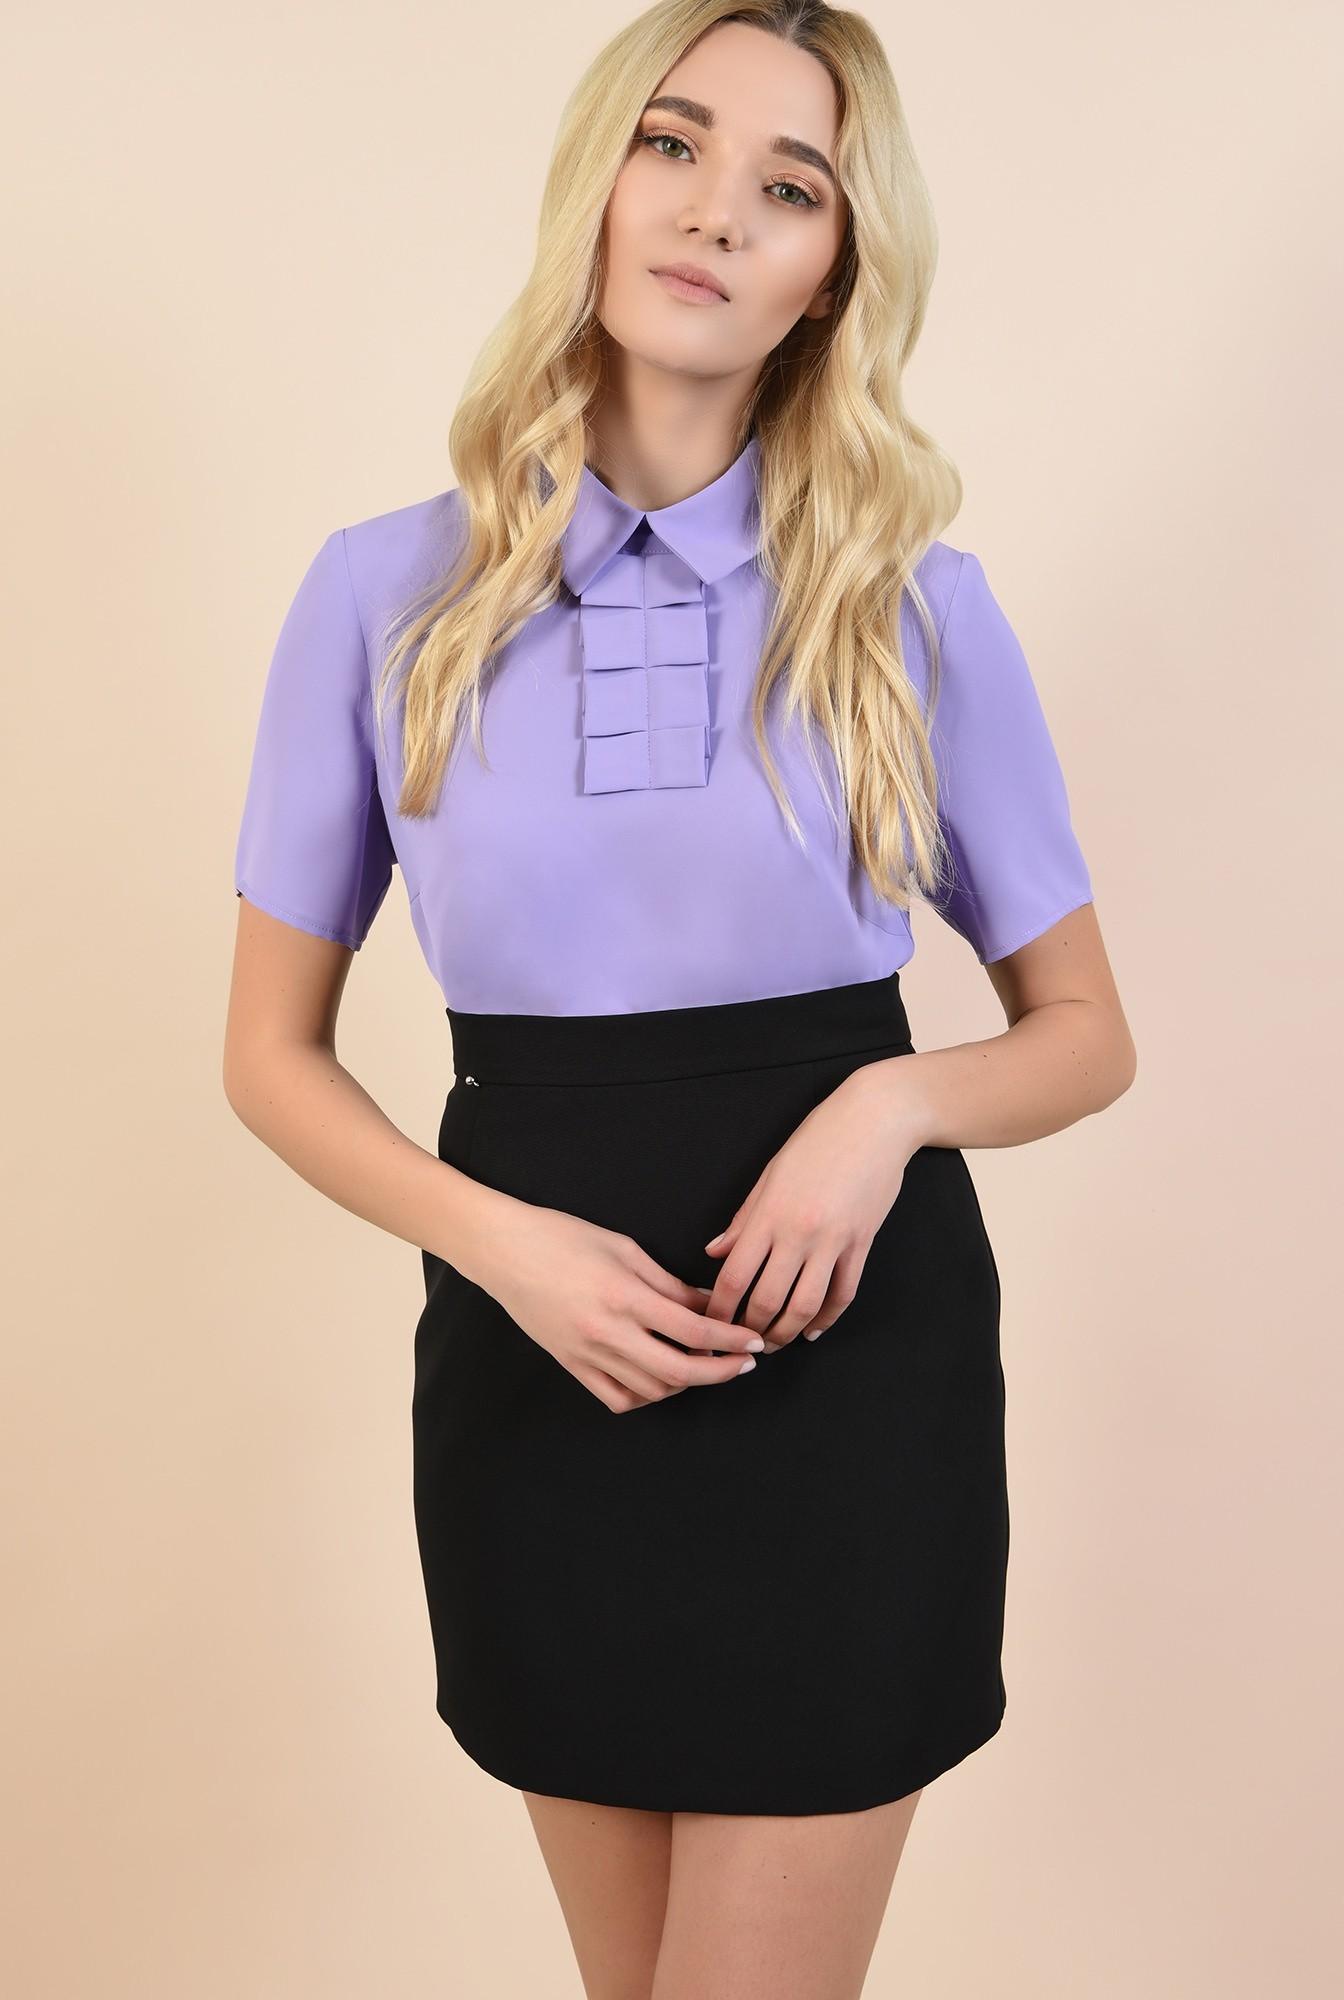 0 - bluza lila, bluze online, cu guler ascutit, cu jabou